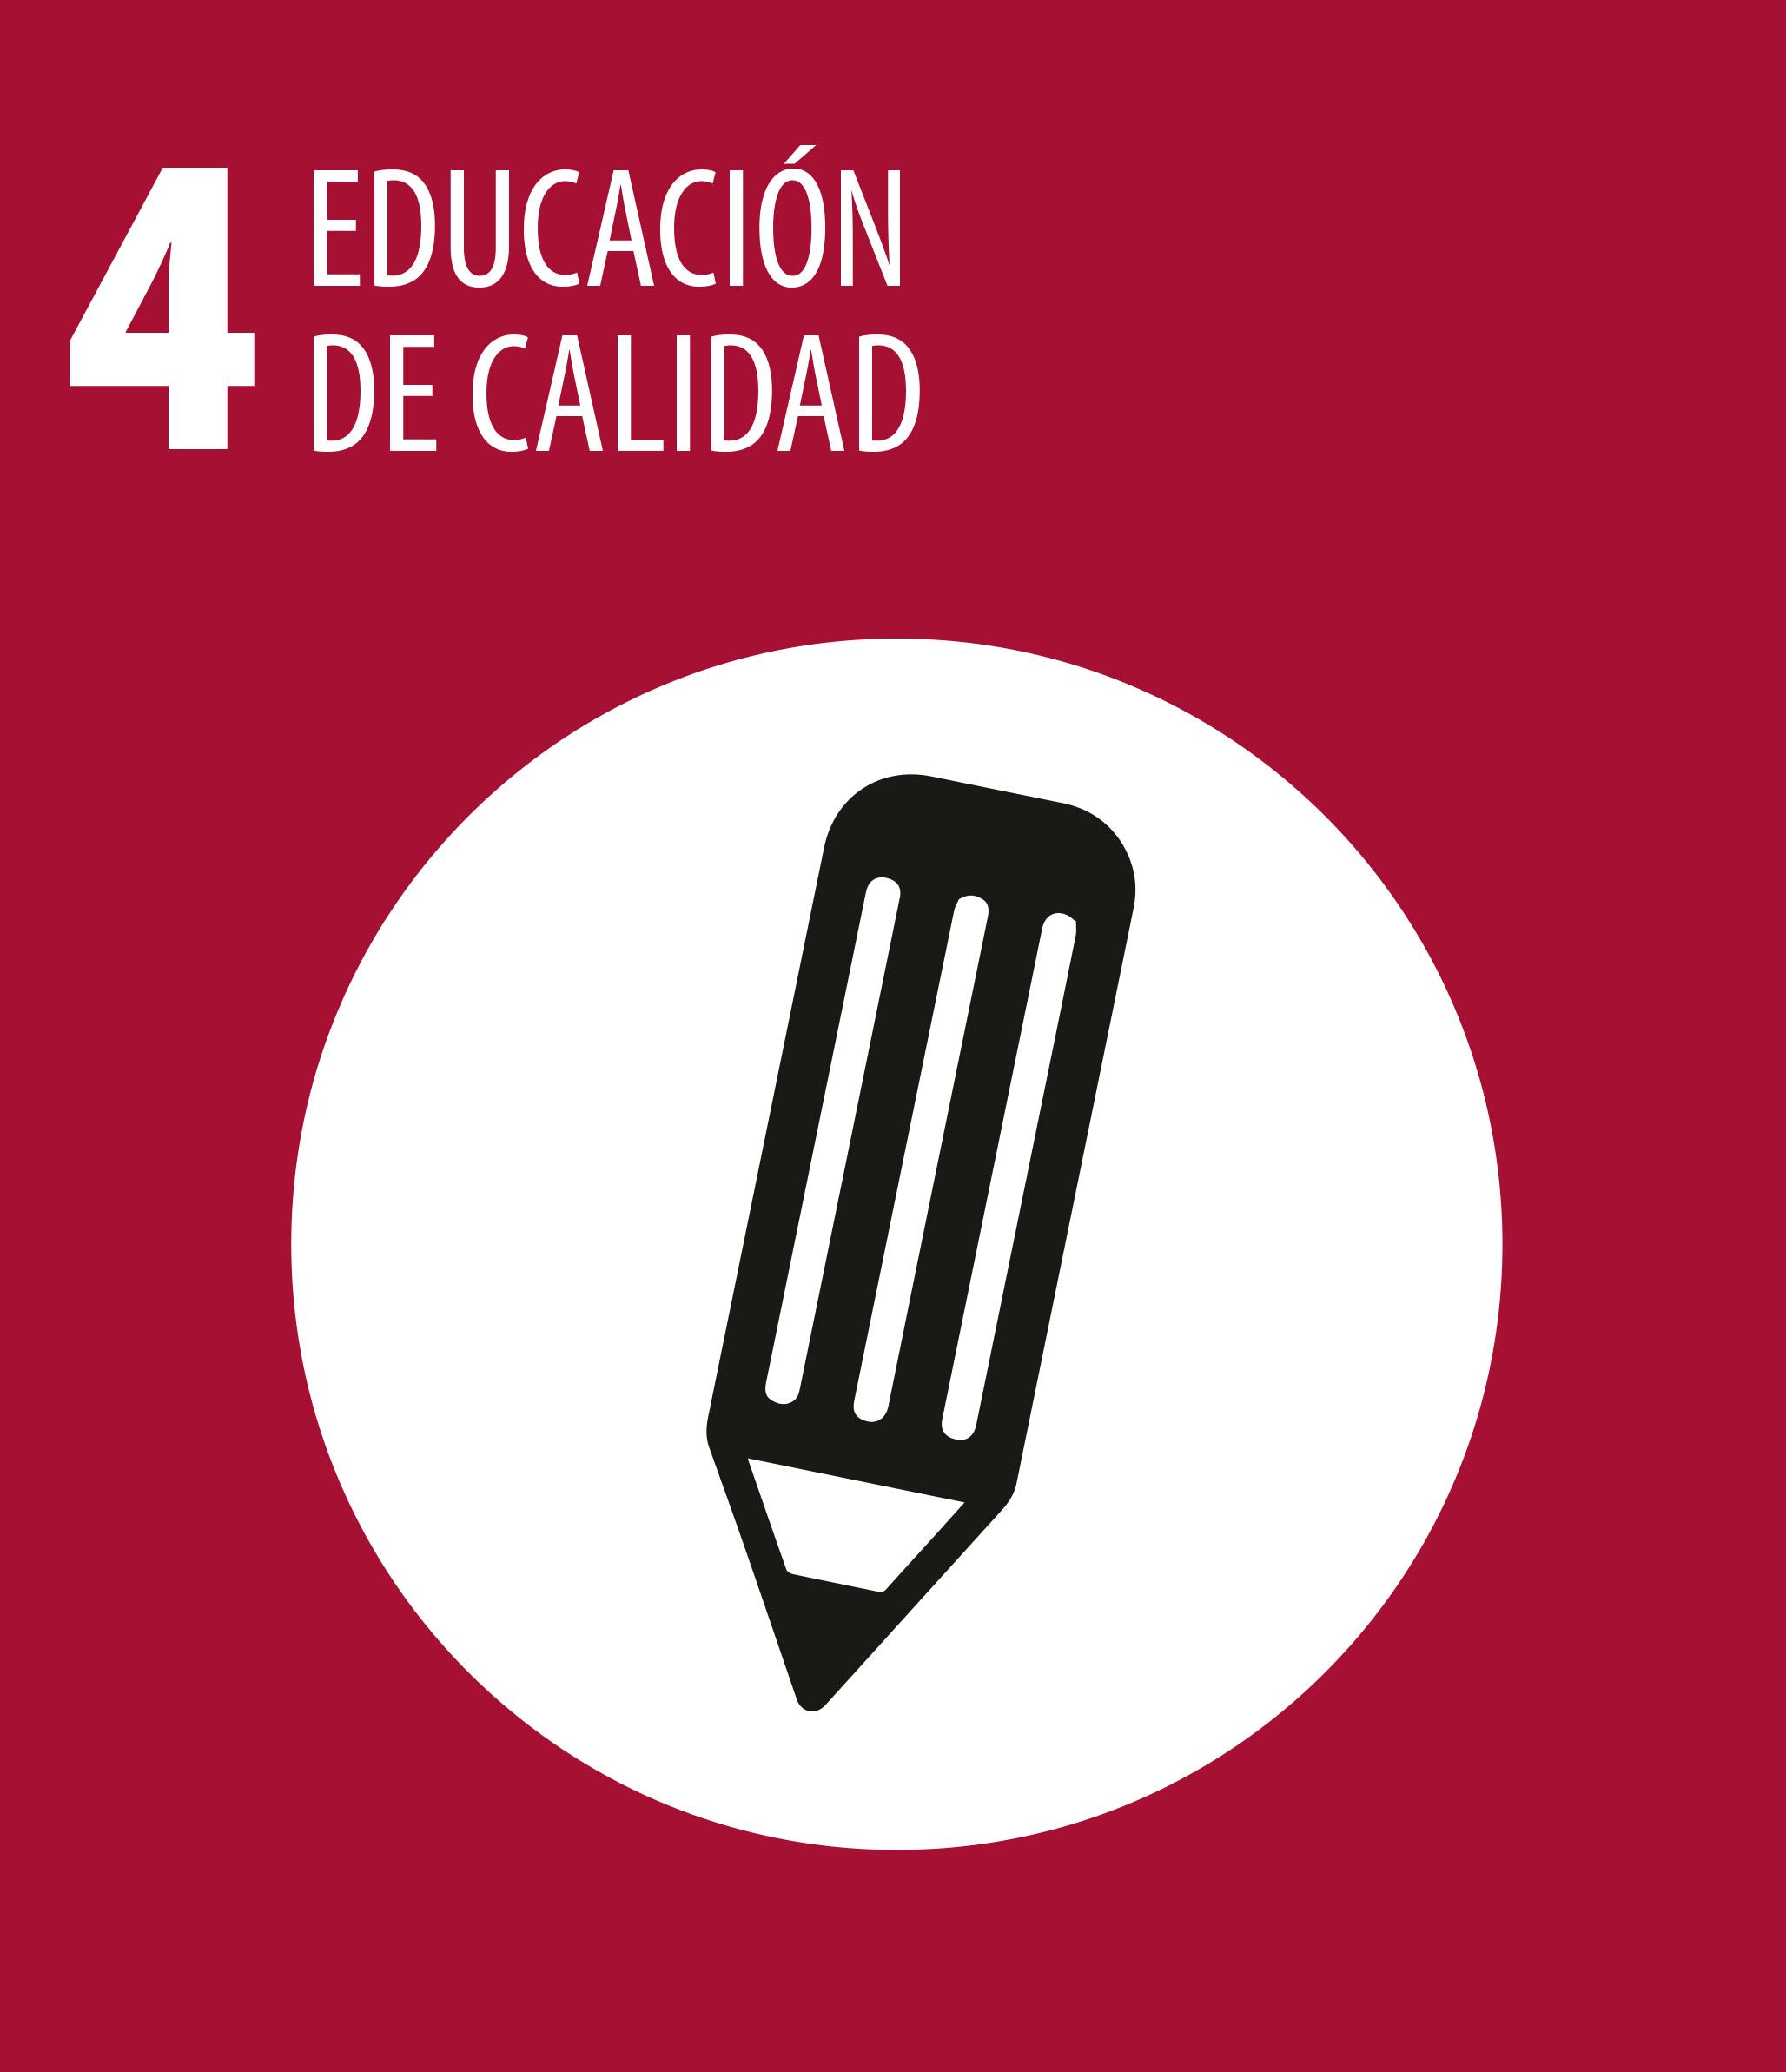 ODS 4 Educacion calidad